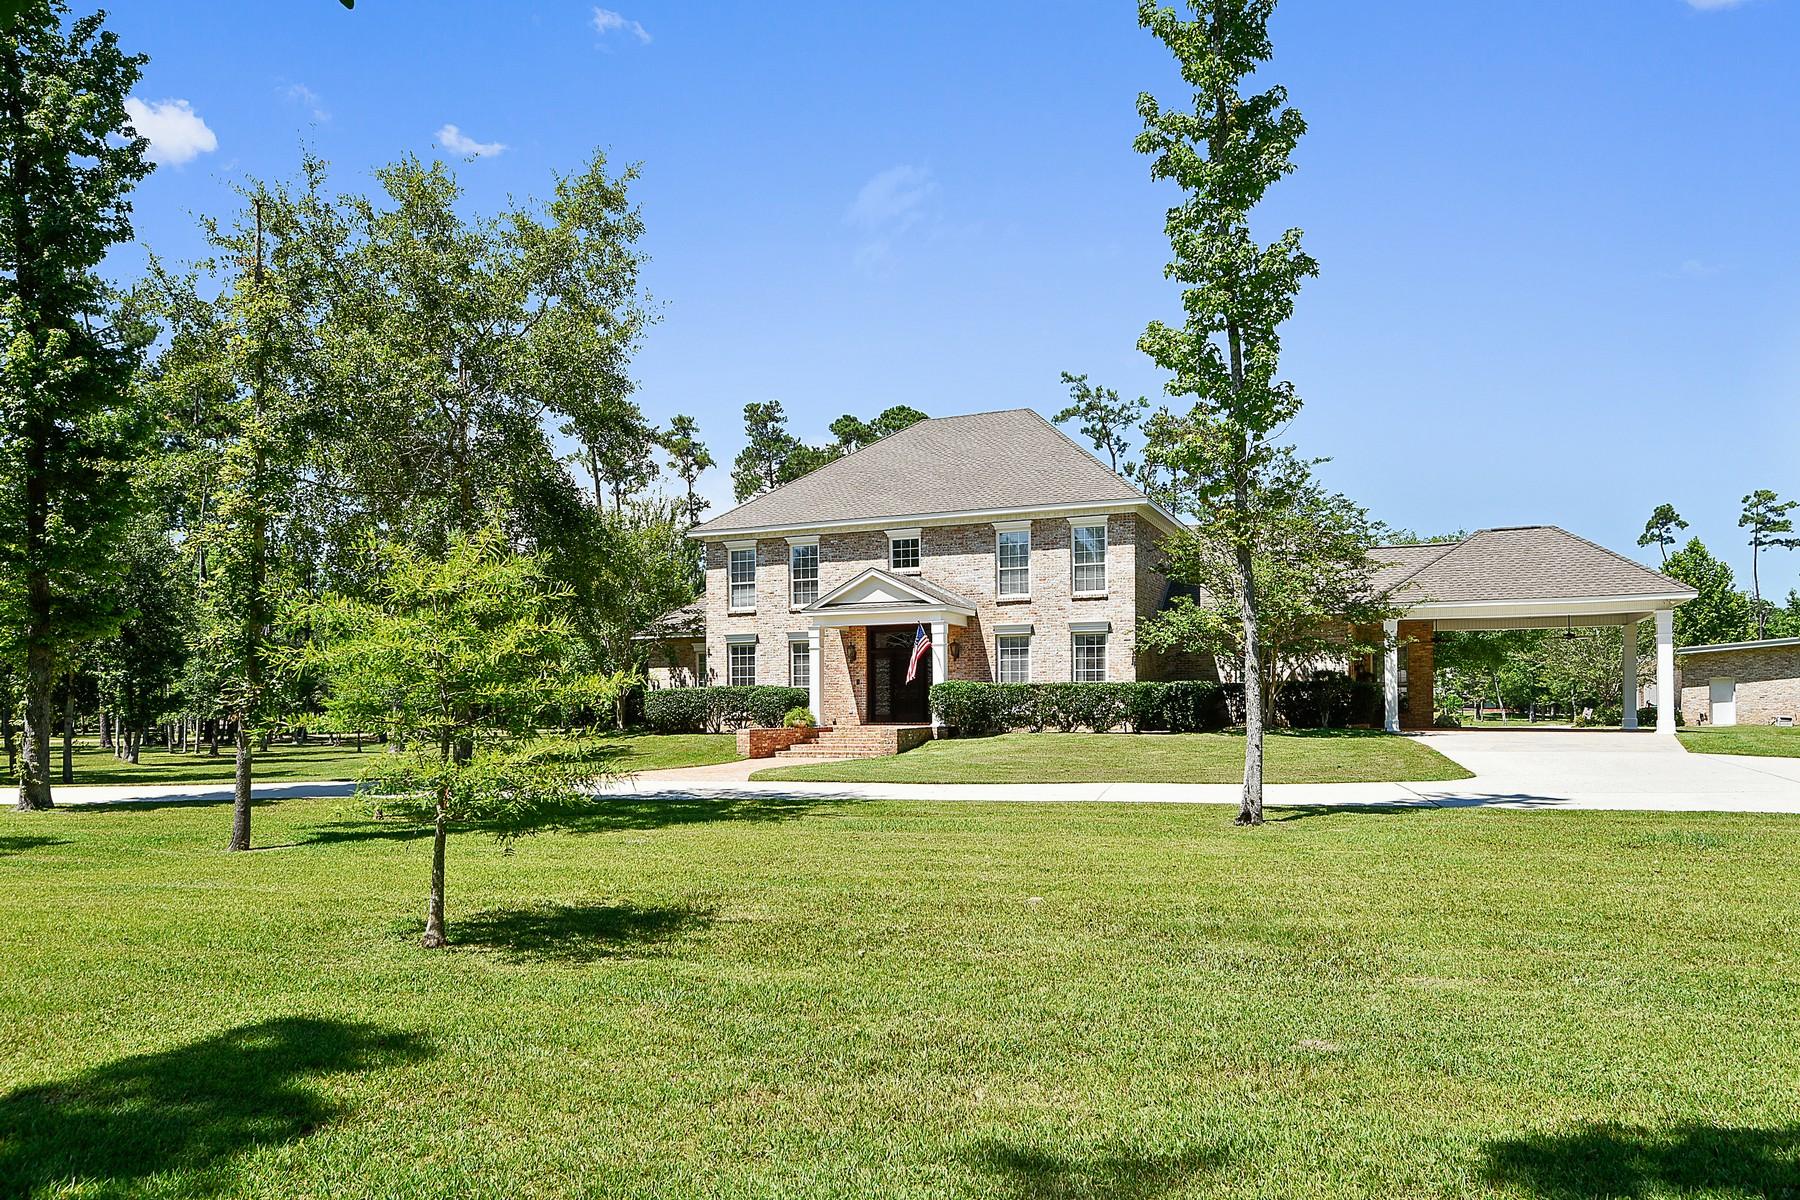 Maison unifamiliale pour l Vente à 1181 Yorktown Dr Slidell, Louisiana, 70461 États-Unis